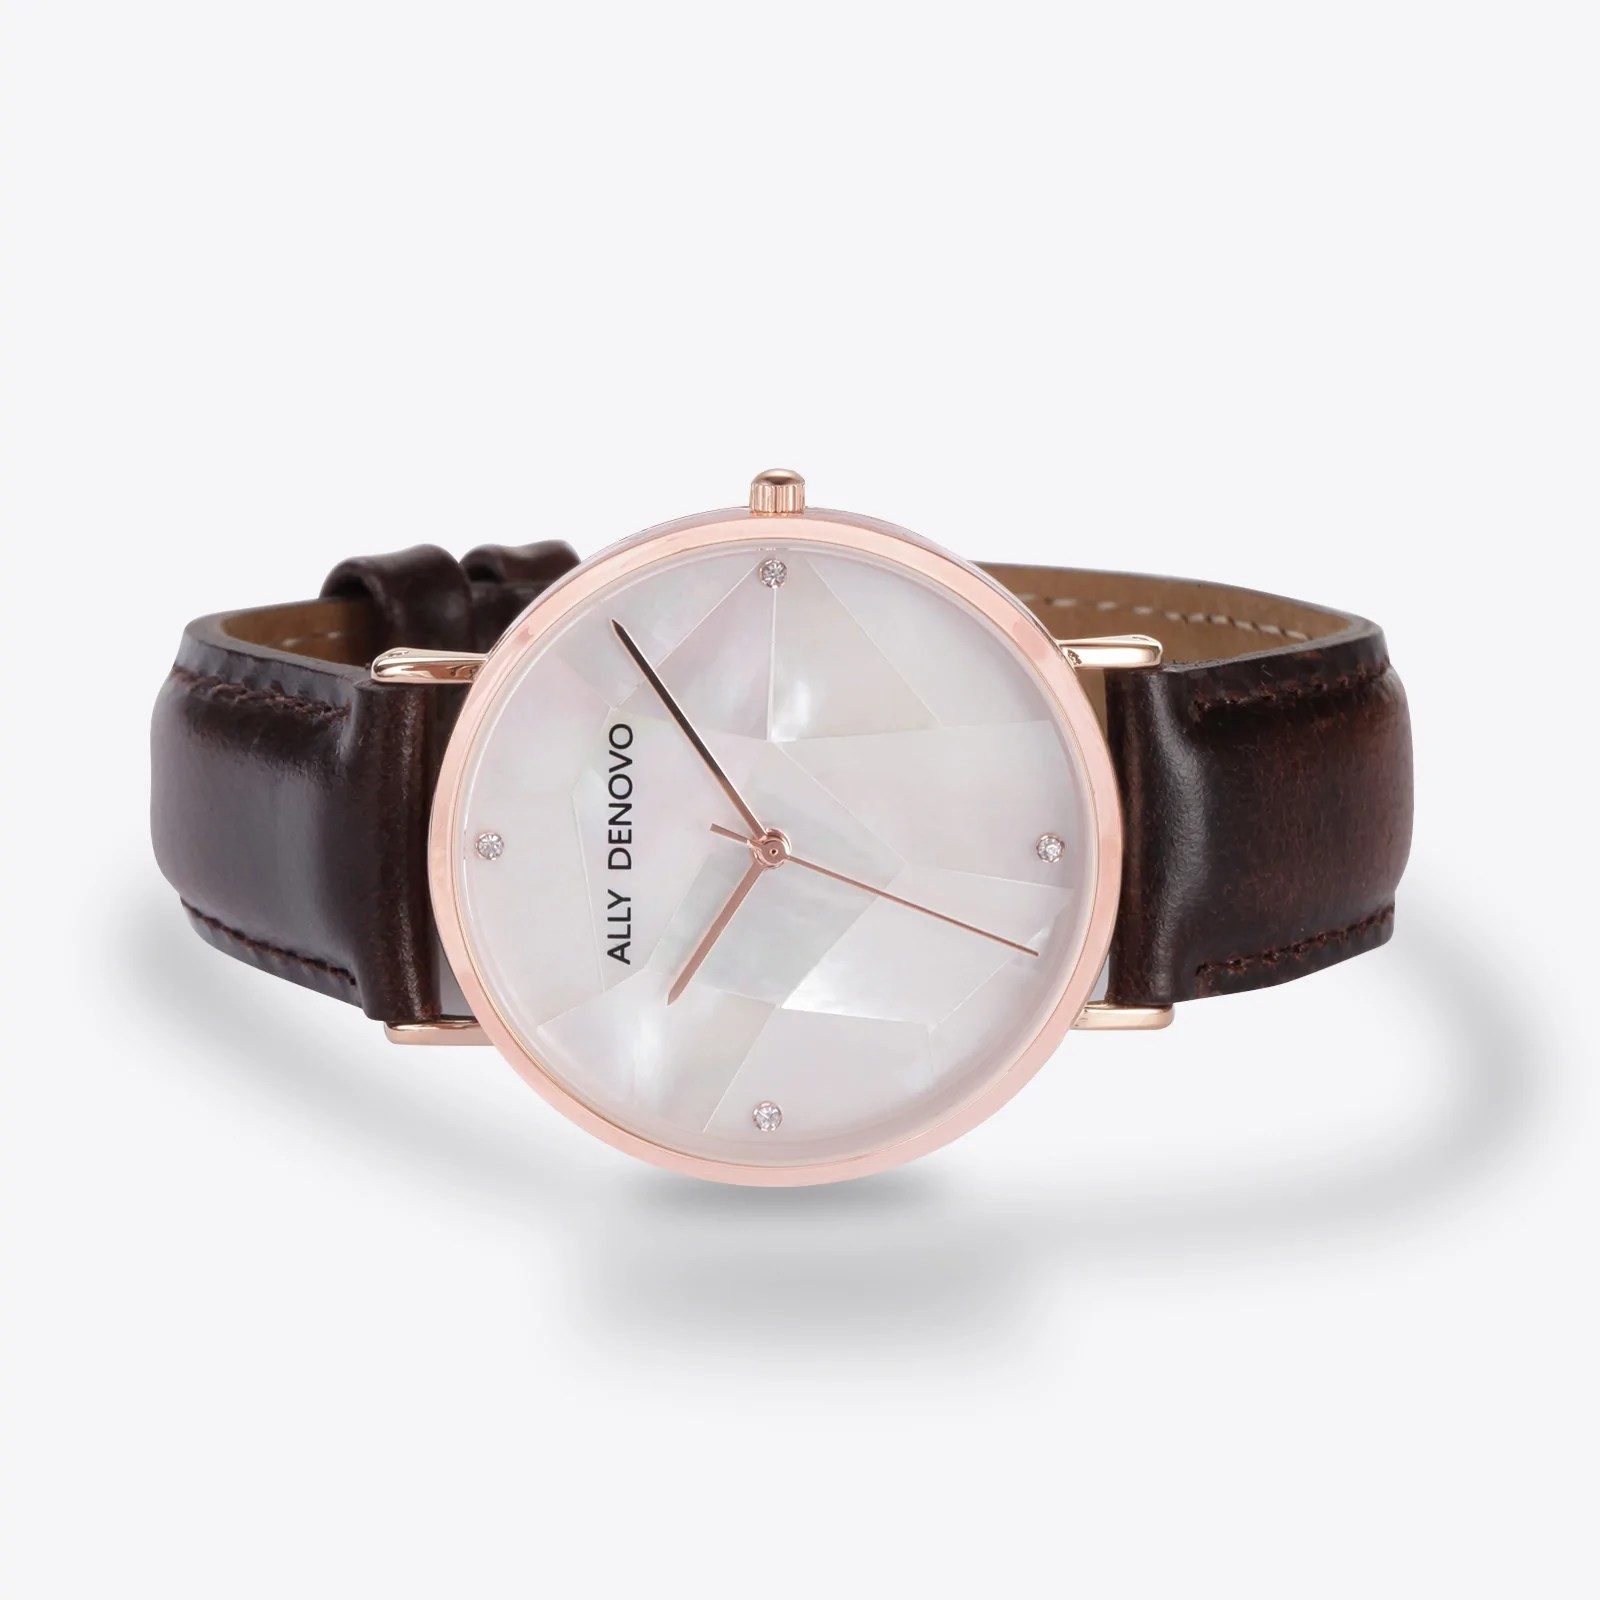 Gaia pearl皮革腕錶-白色菱形琉璃玫瑰金框咖啡色真皮錶帶 AF5003.2 – ALLY DENOVO 中文官方網站